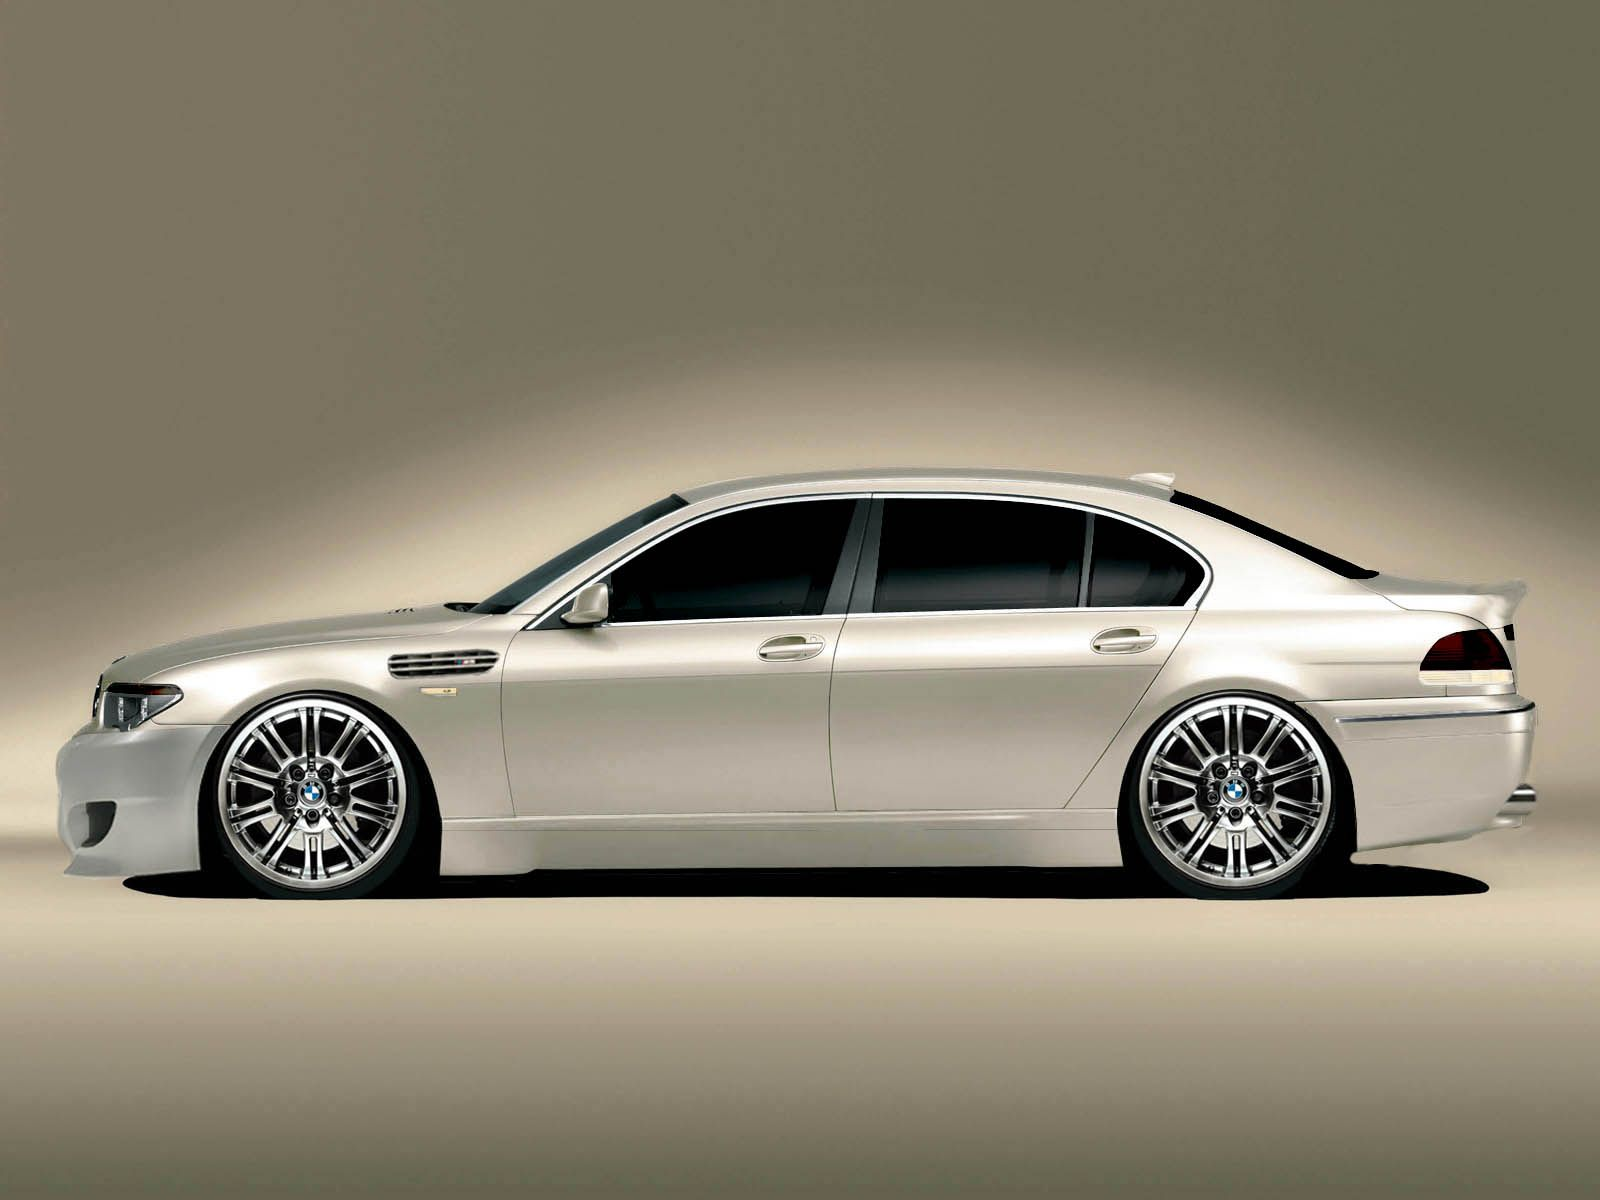 750li Bmw Bmw M7 2012 13 Stylish Bmw New 7 Series 2012